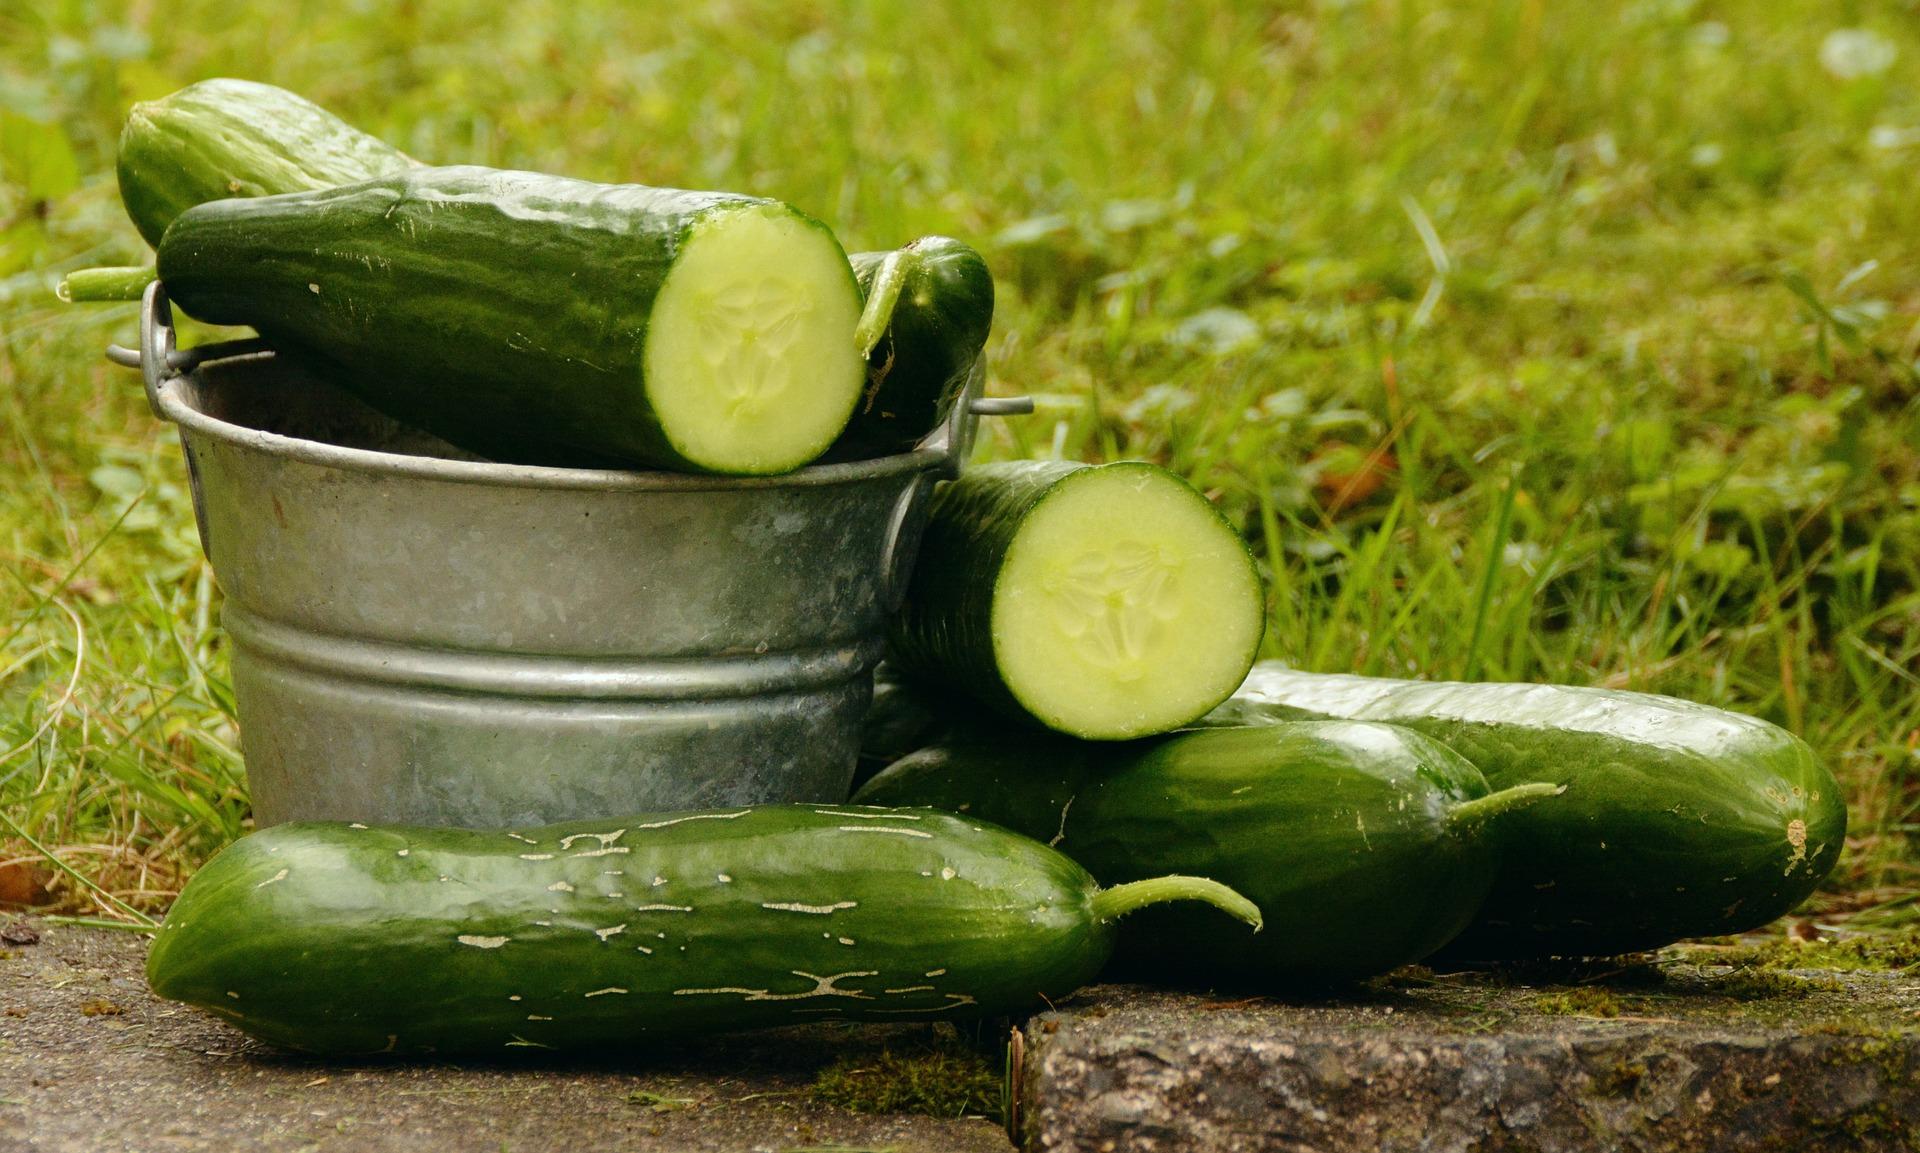 Imagen perteneciente al post Propiedades del pepino y sus beneficios de Frutas Olivar